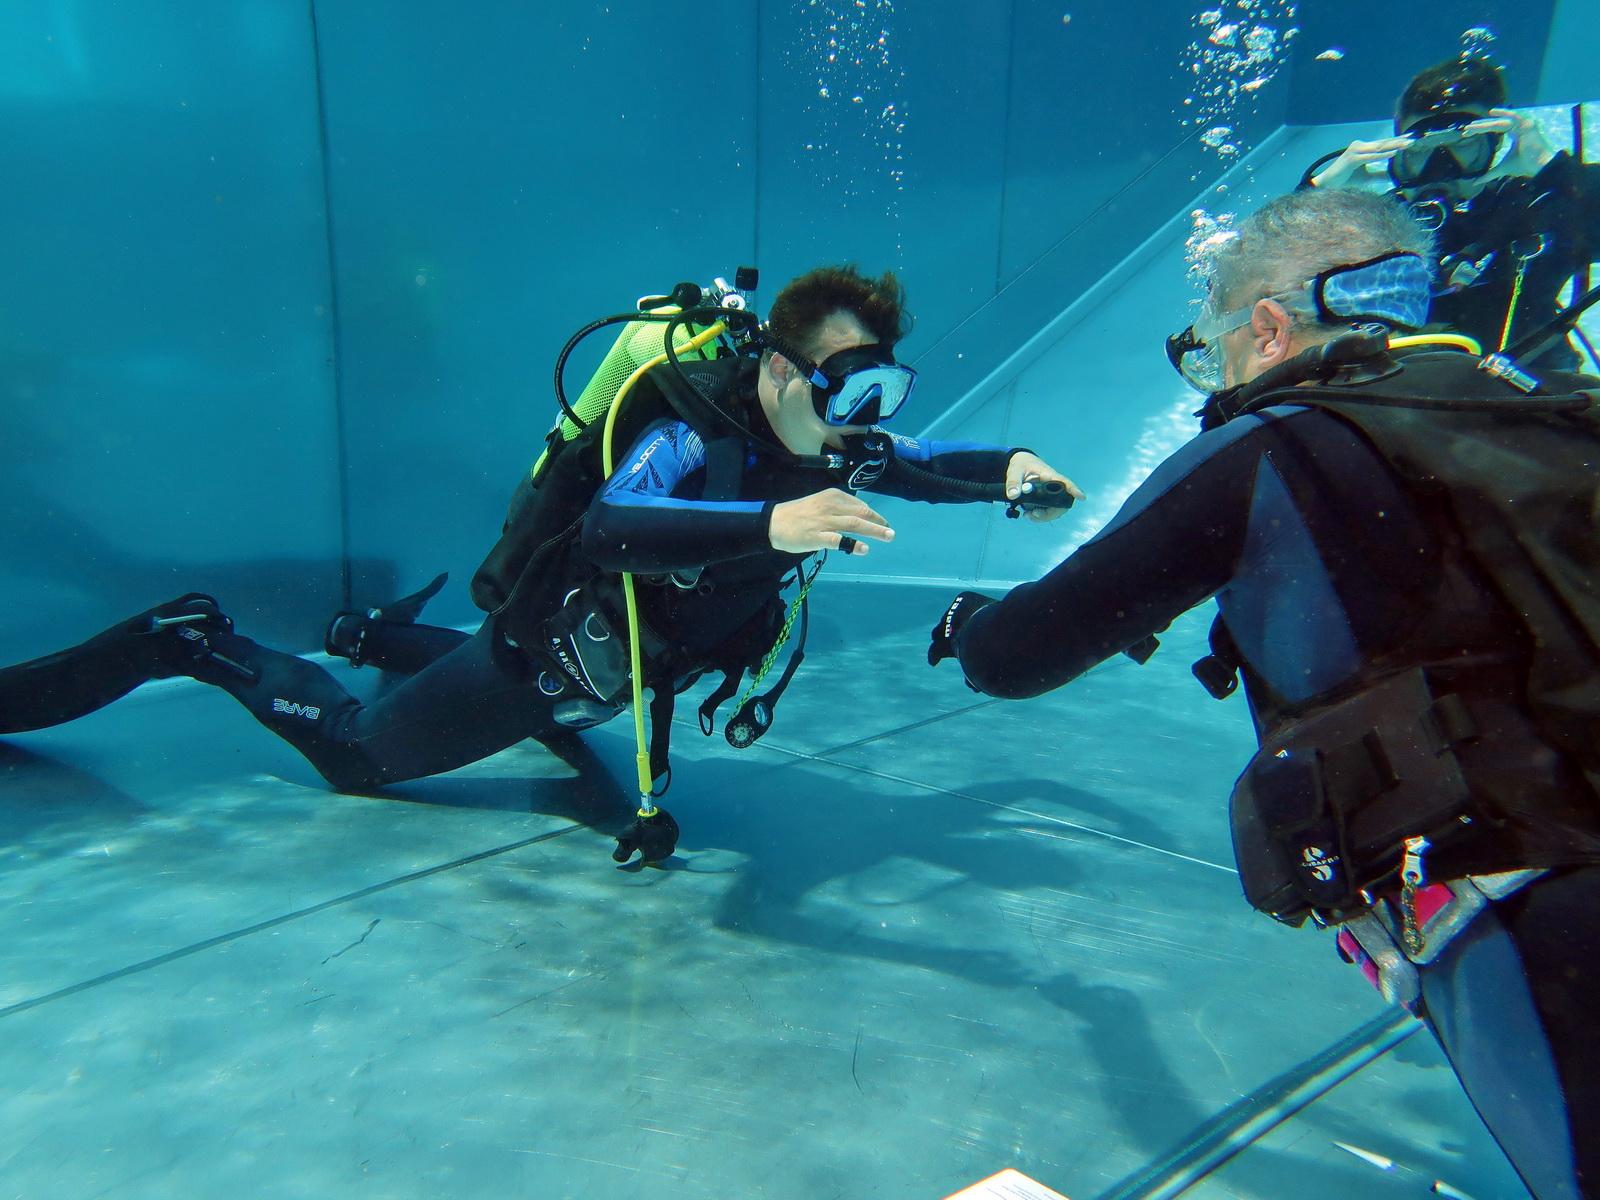 Taucher üben die Tarierung im Schwimmbad